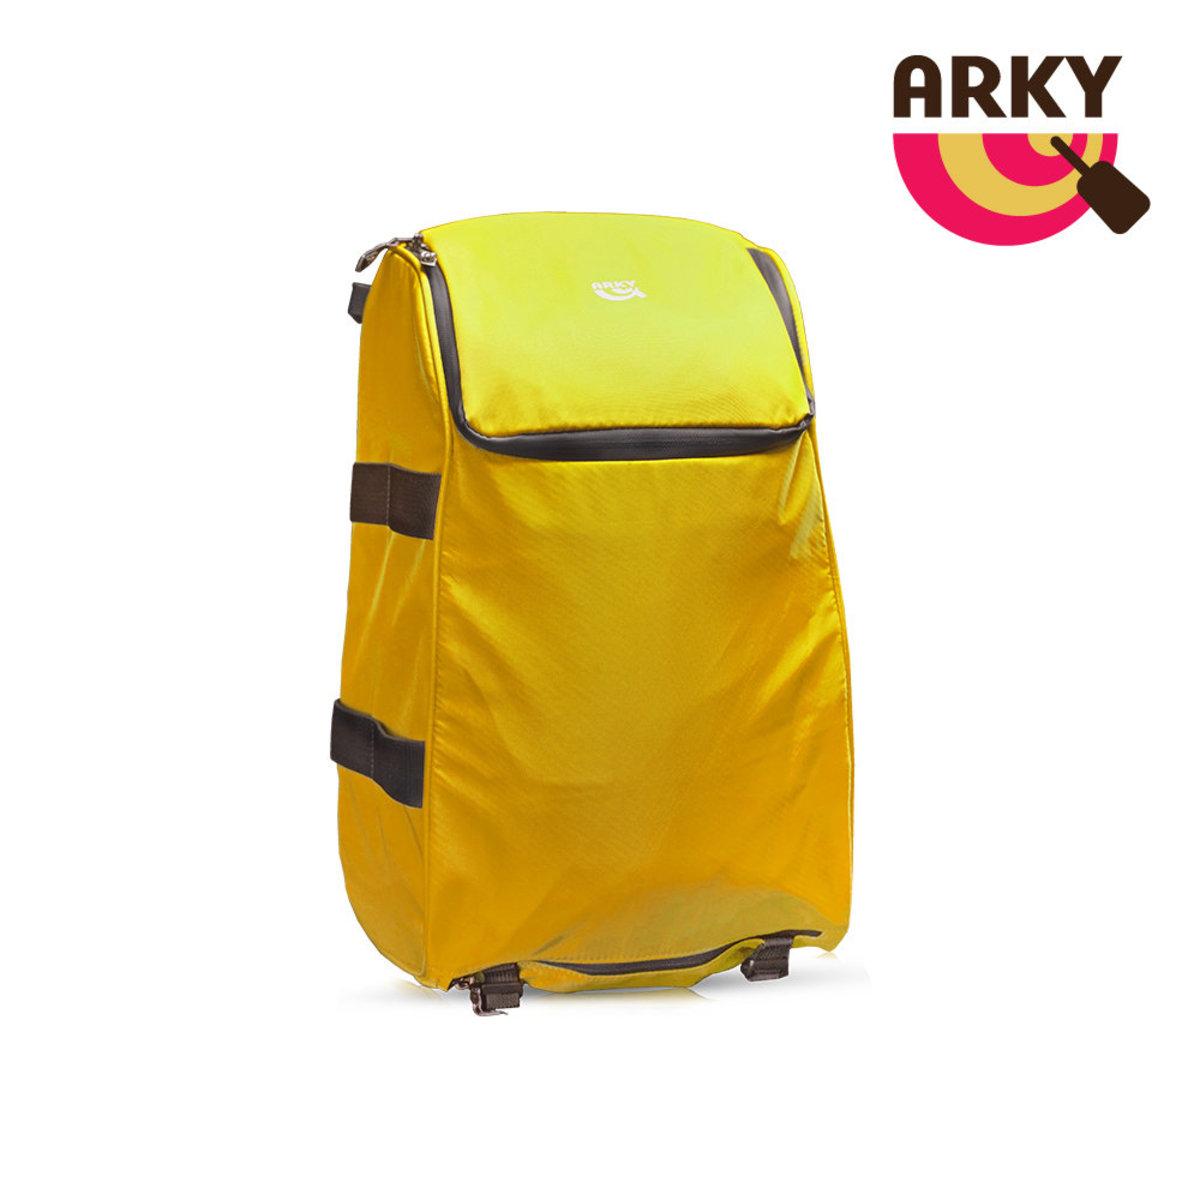 ARKY_multi_function_waterproof_sports_elegant_package_yellow